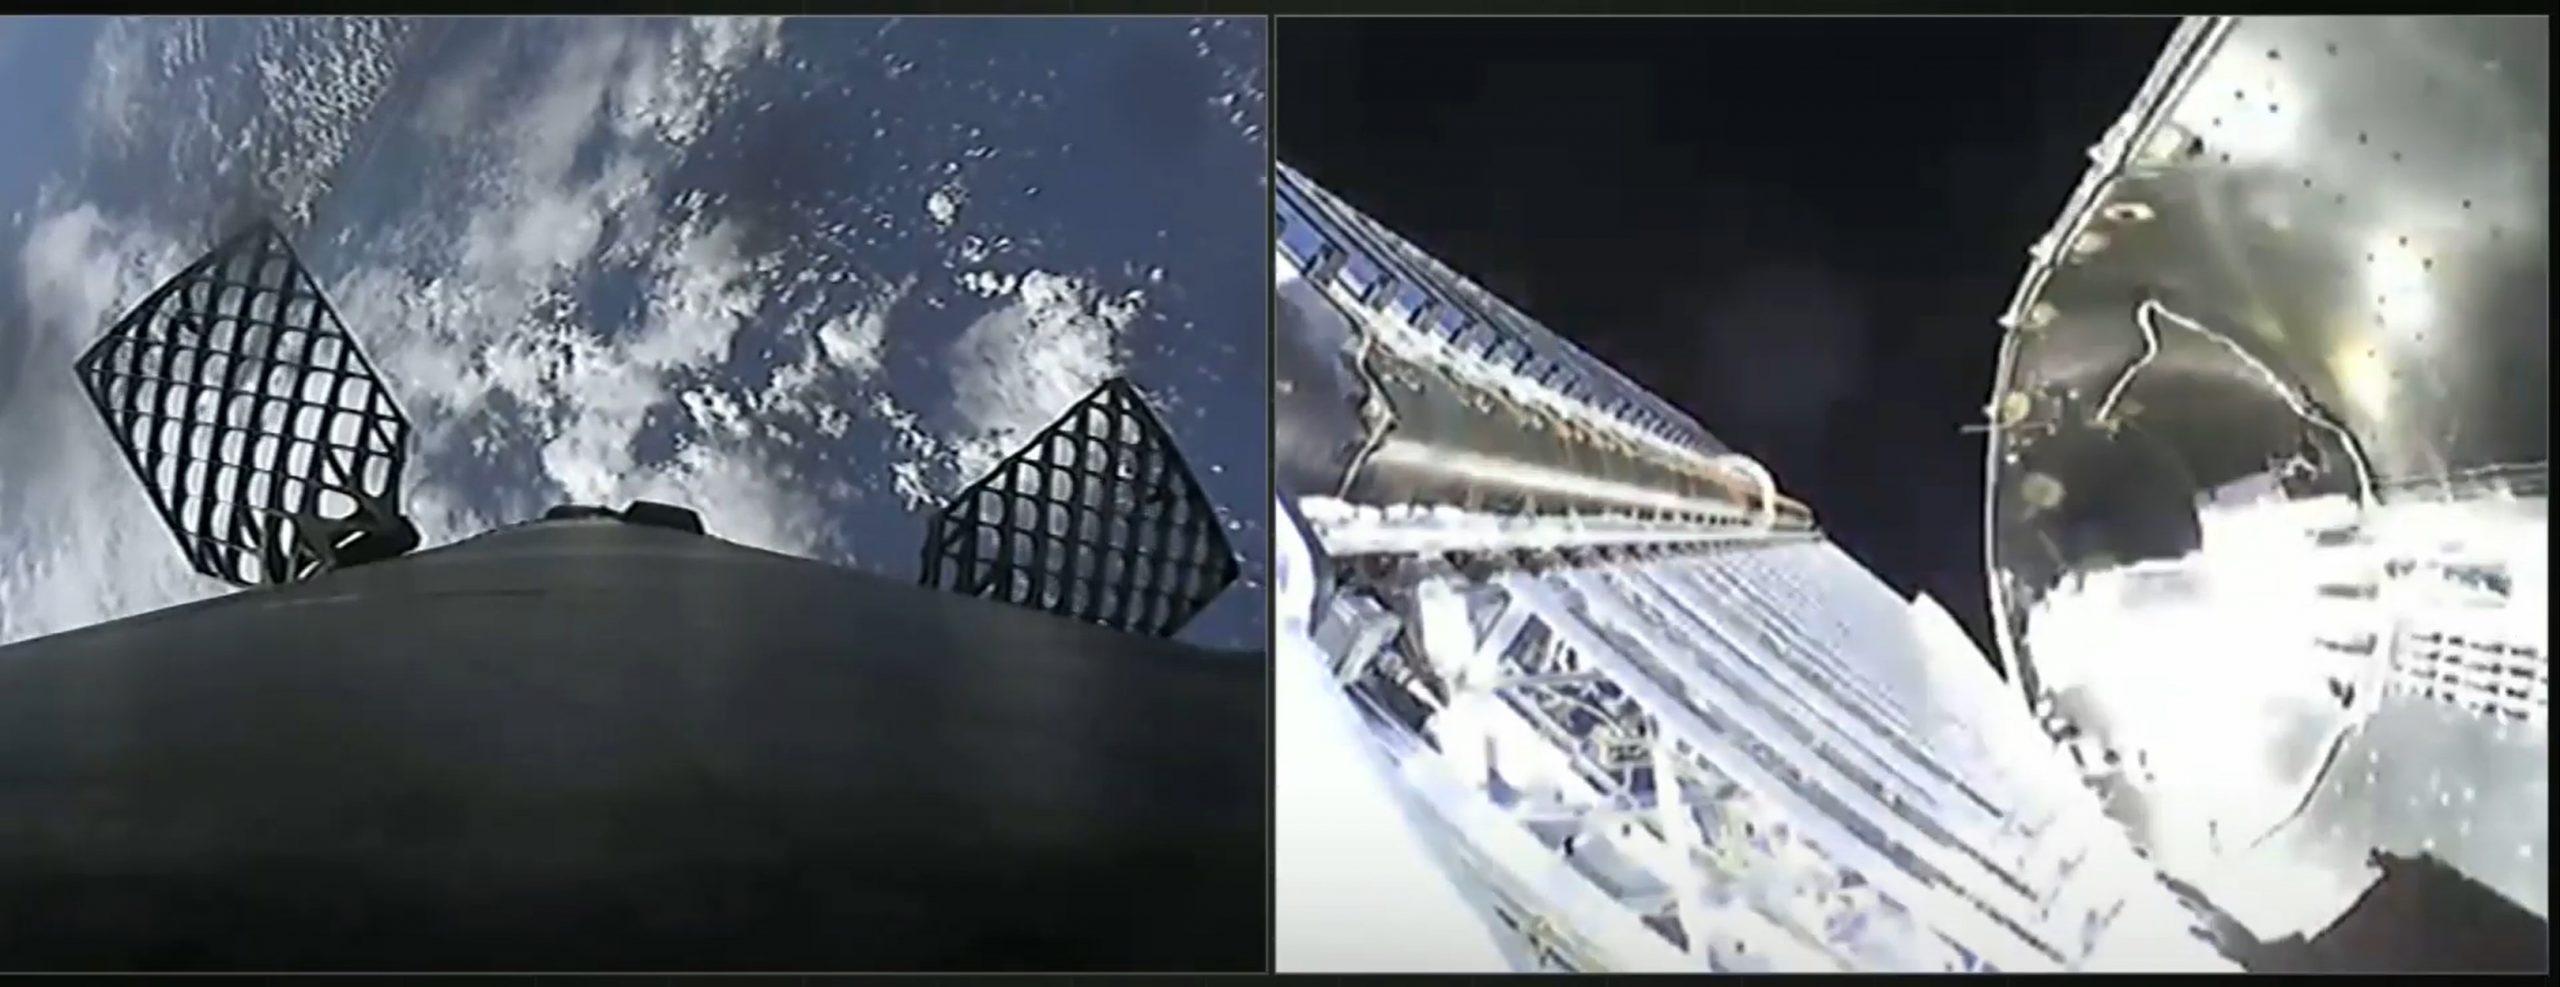 Starlink-14 Falcon 9 B1060 102420 webcast (SpaceX) fairing sep 1